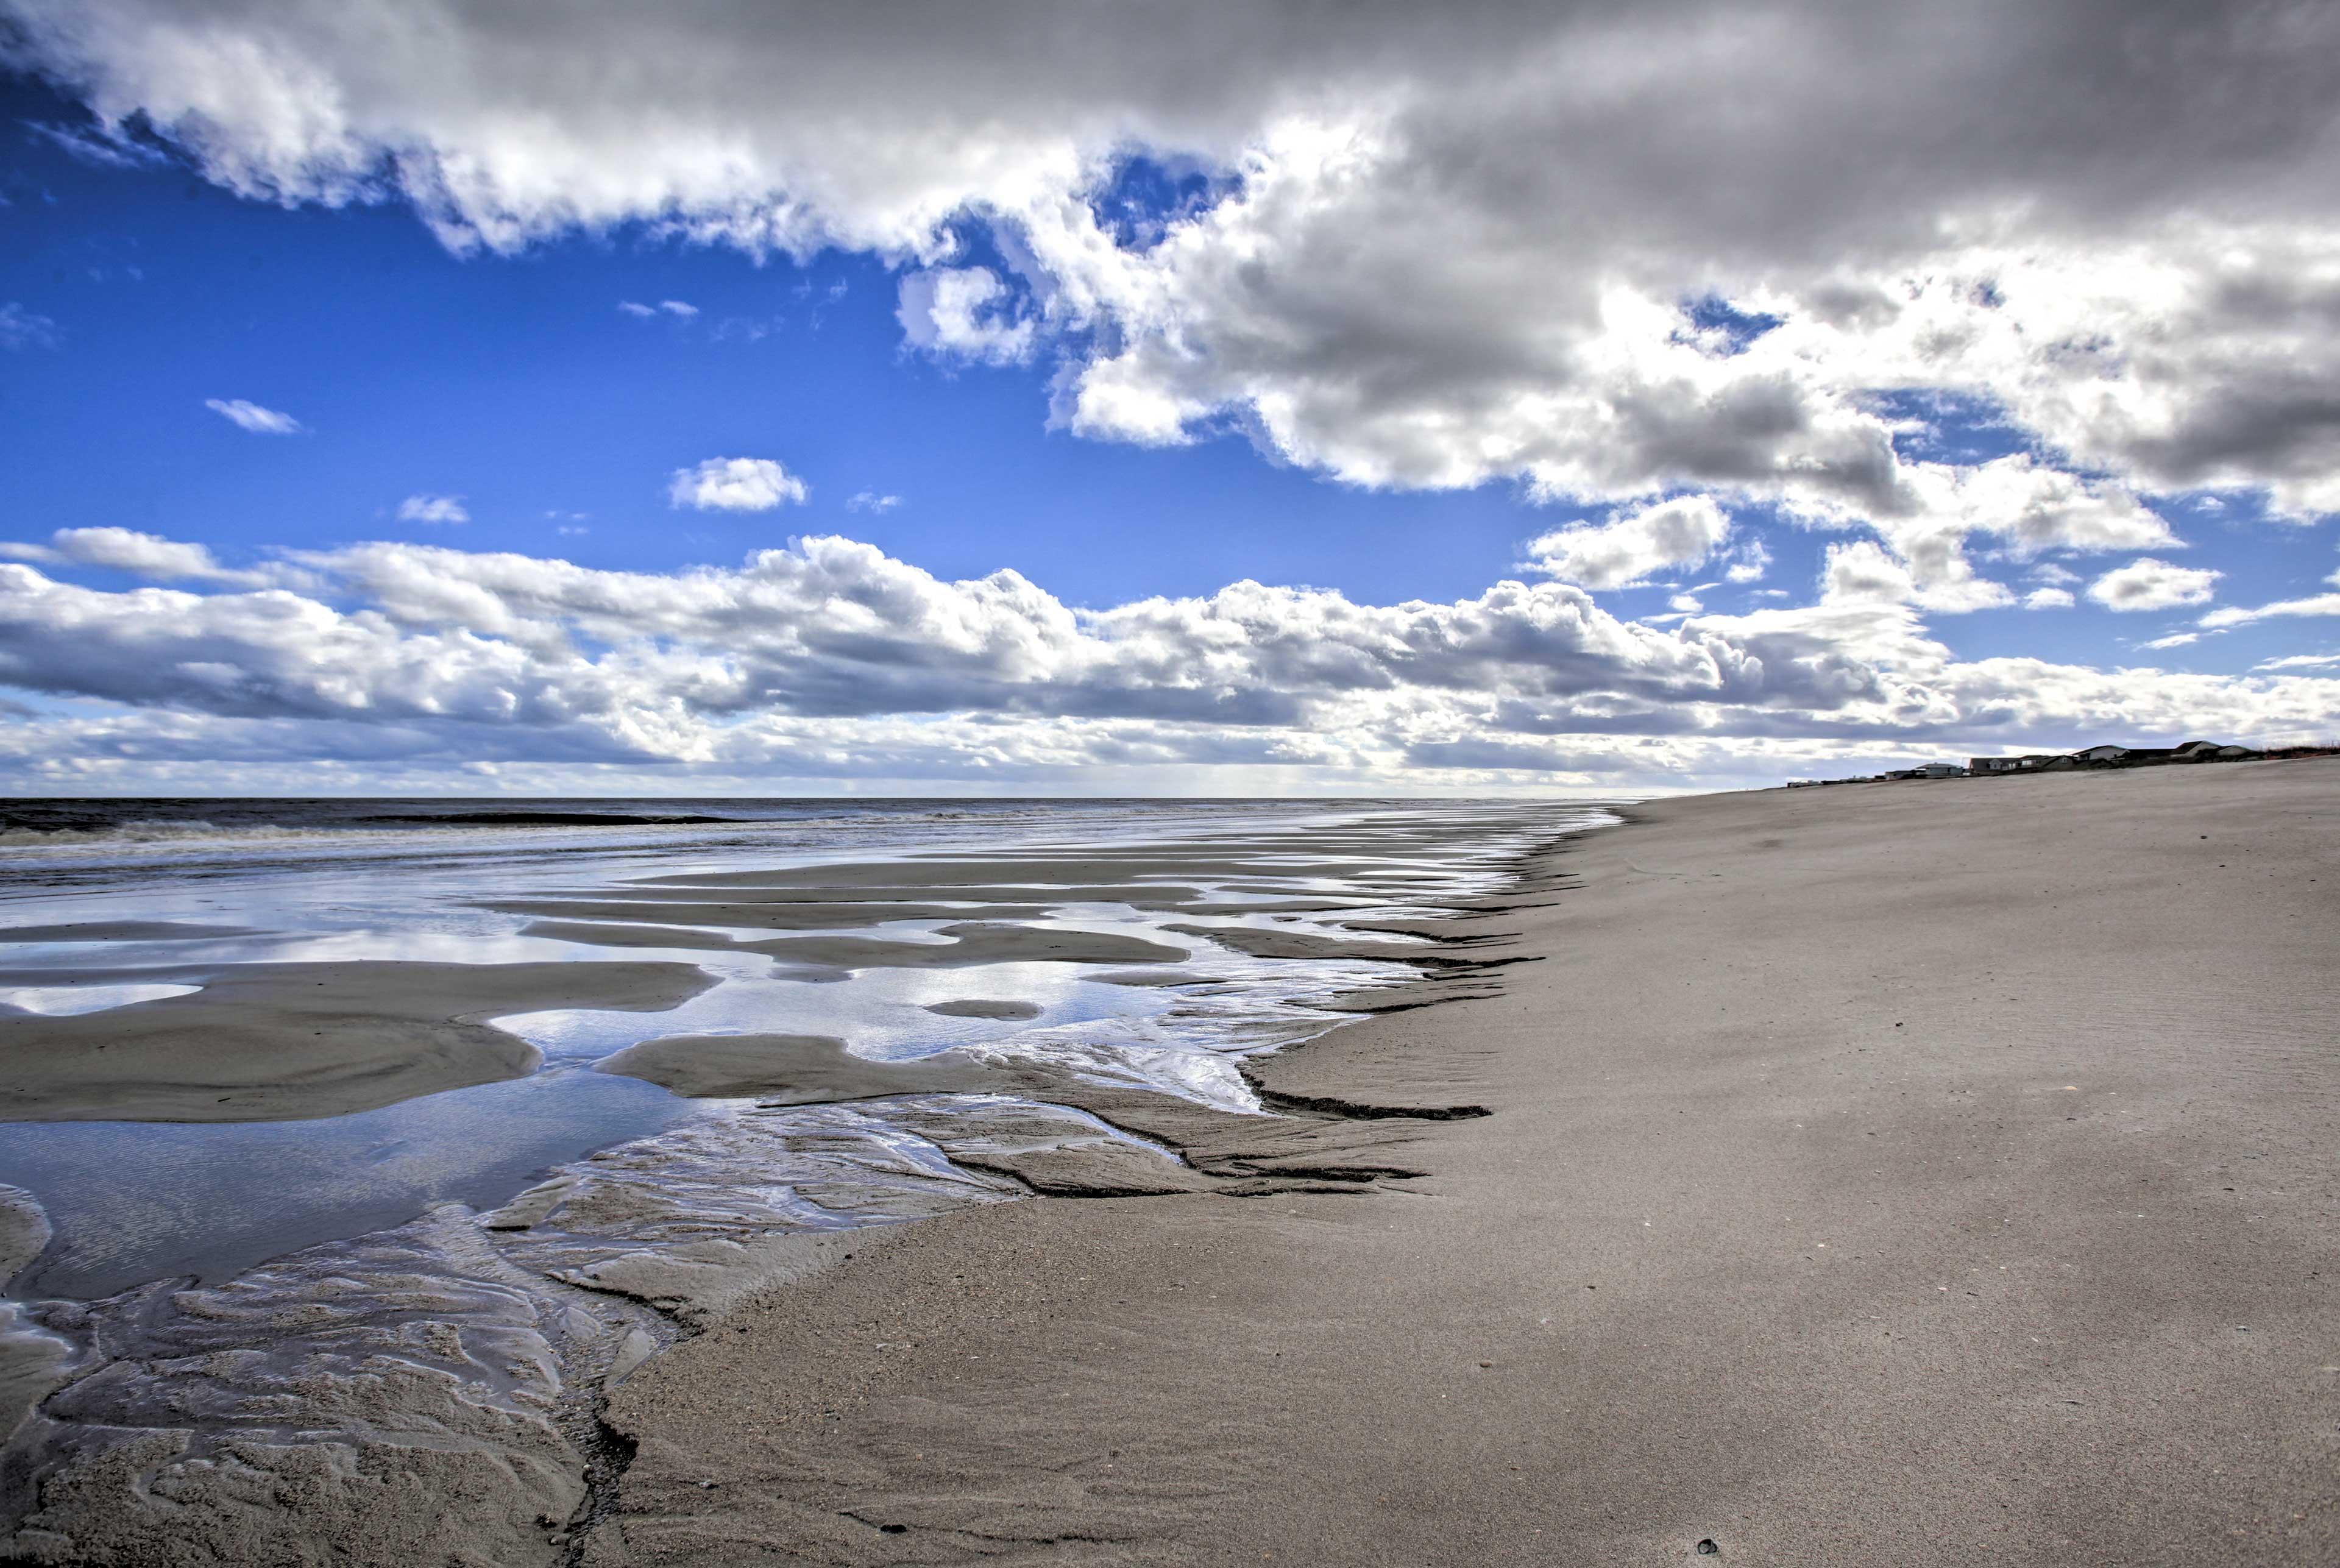 A relaxing beach retreat awaits you at this Fernandina Beach townhome!